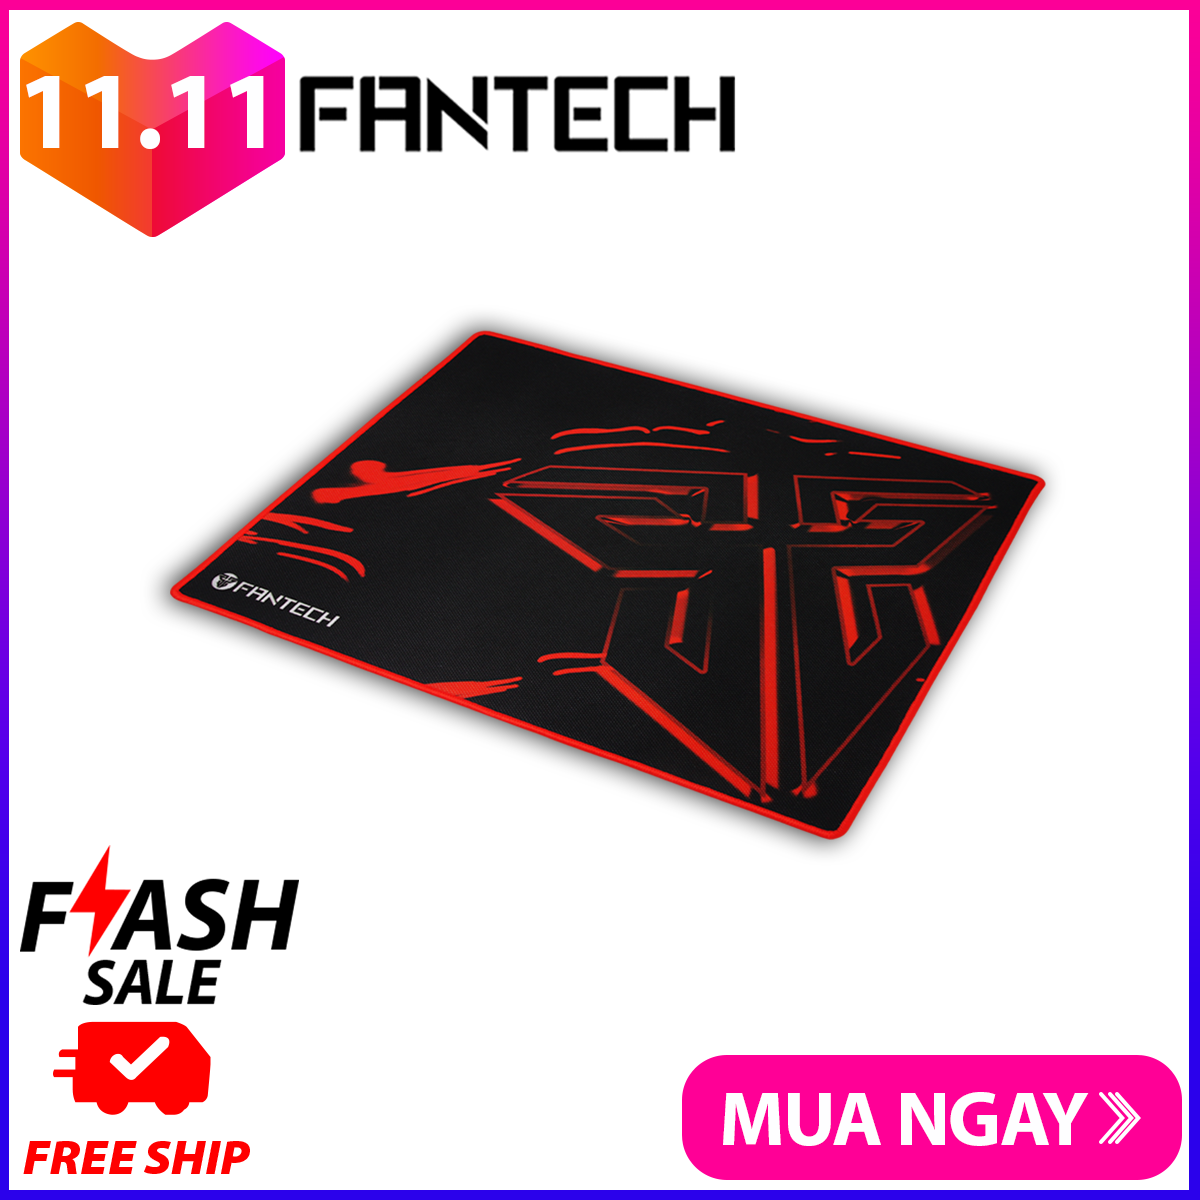 Đế lót di chuột tốc độ cao – Fantech MP35 – chất liệu cao su tự nhiên, đế chống trượt, dài 350mm, rộng 250mm, dày 4mm, giúp di chuột một cách dễ dàng – Hãng Phân Phối Chính Thức